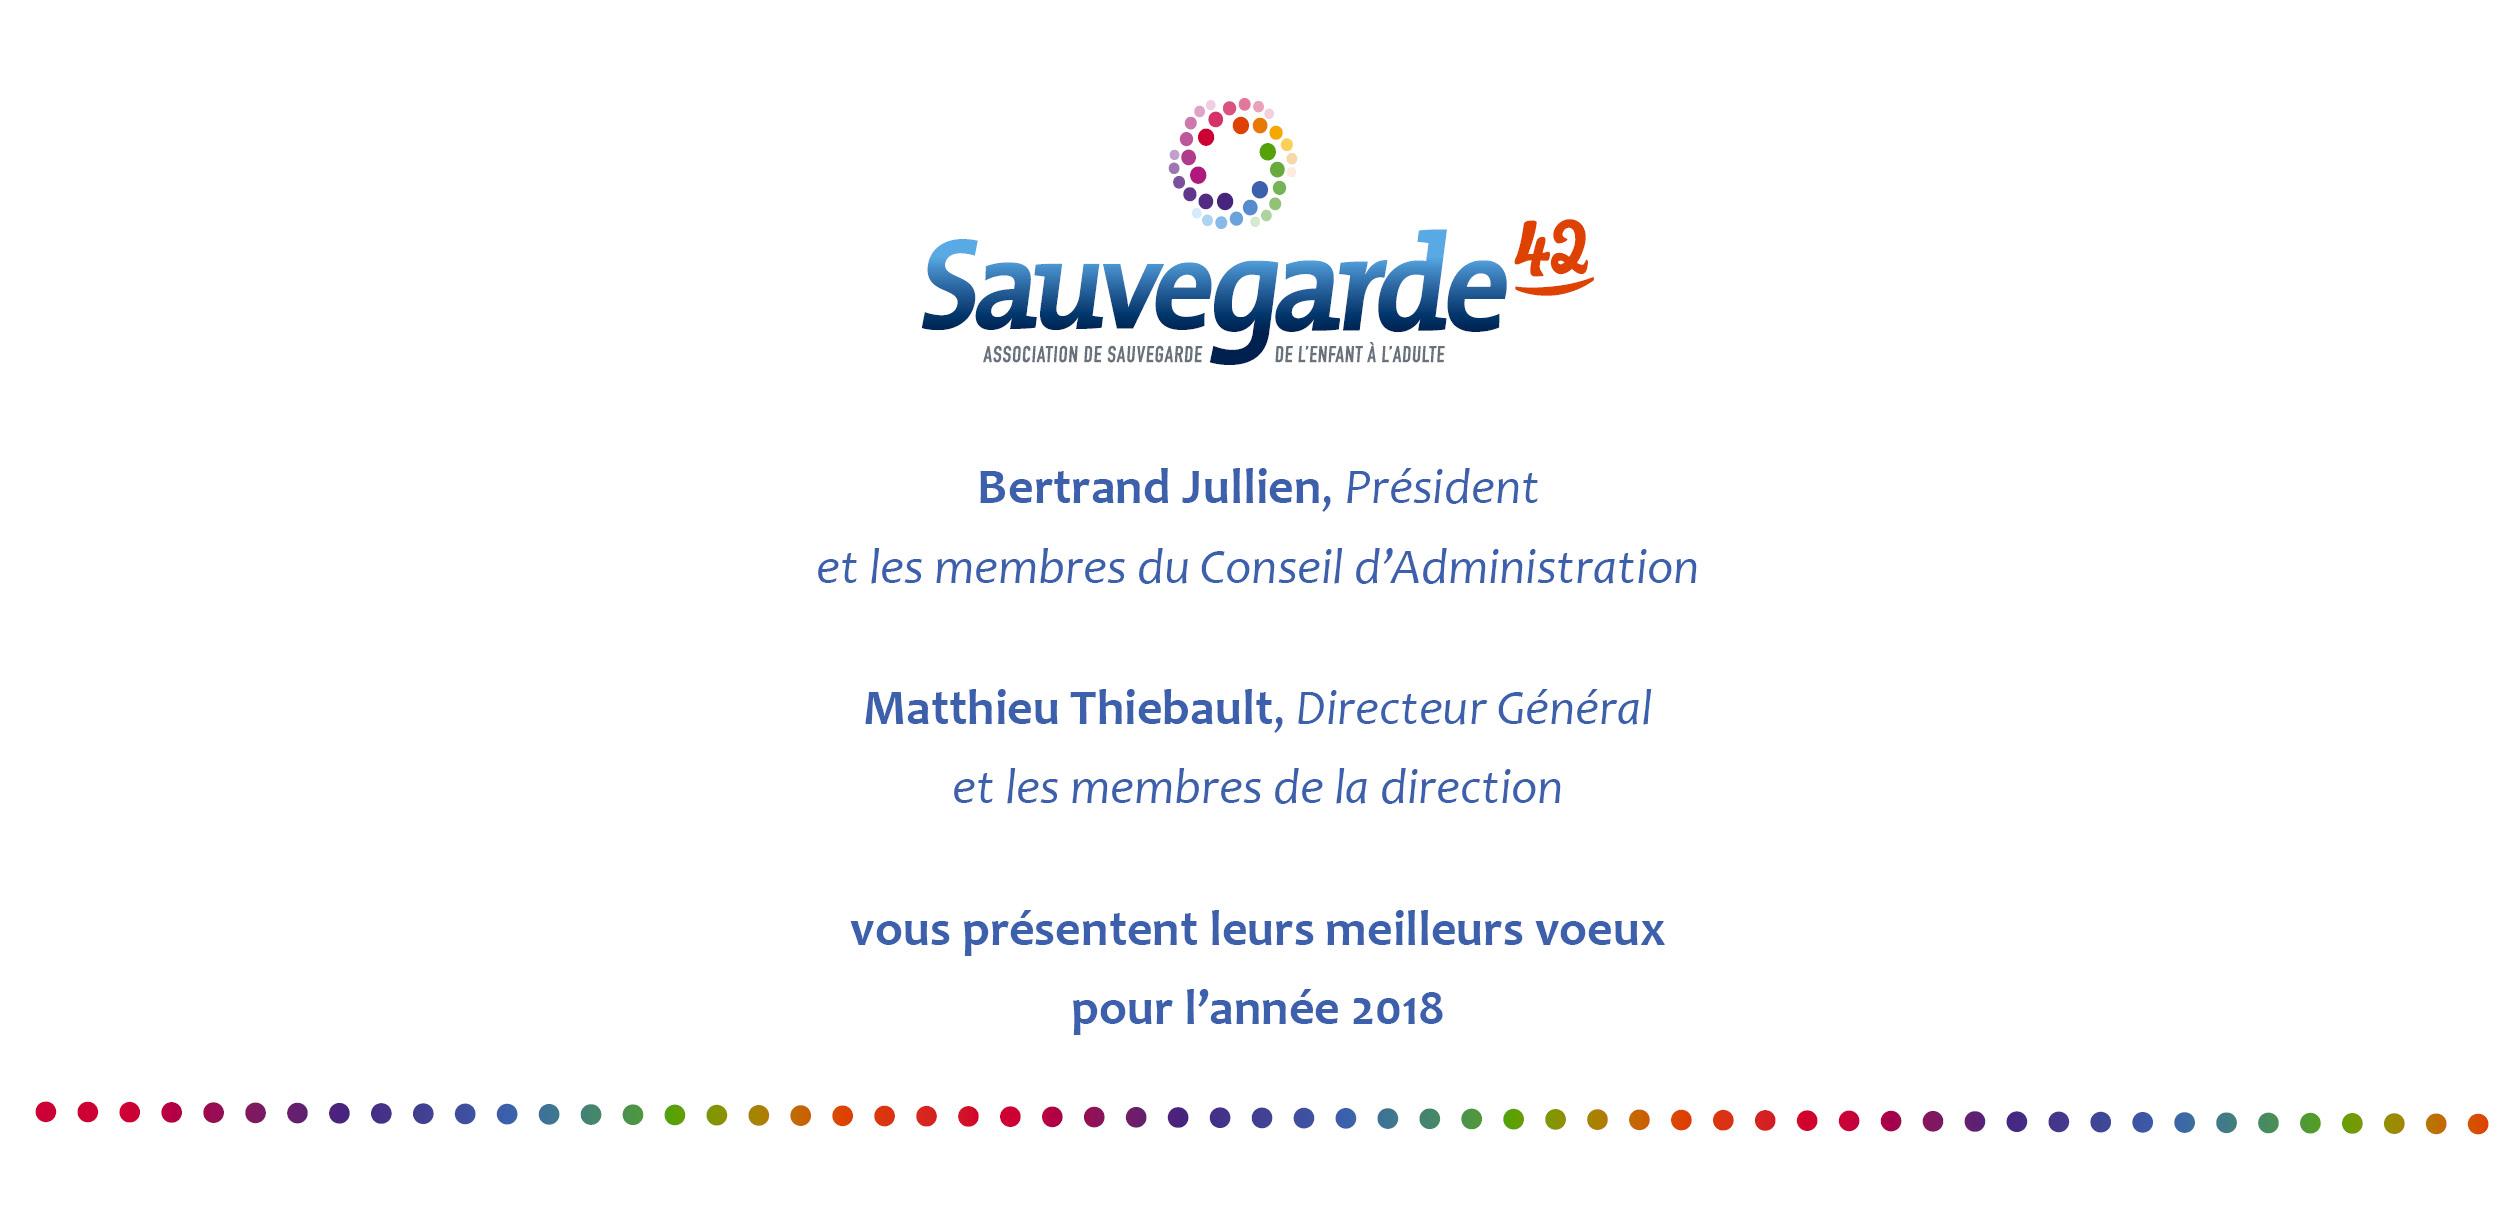 Sauvegarde42 association de sauvegarde de l 39 enfant l 39 adulte - Texte carte de voeux 2017 ...